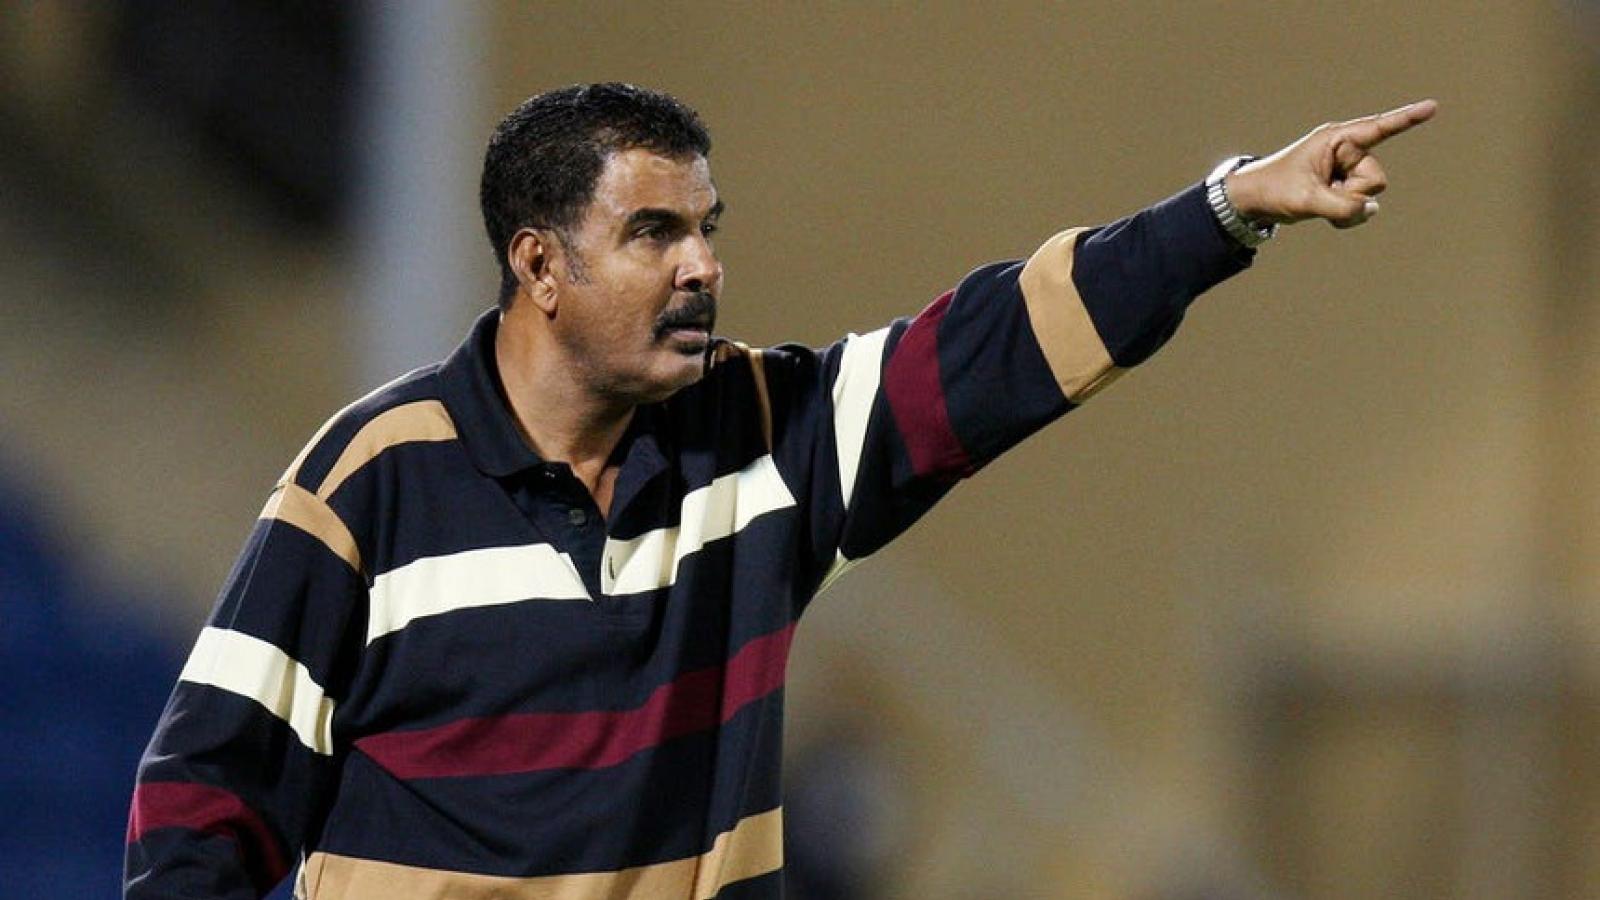 Trước thềm vòng loại World Cup 2022, HLV ĐT Yemen qua đời do mắc Covid-19